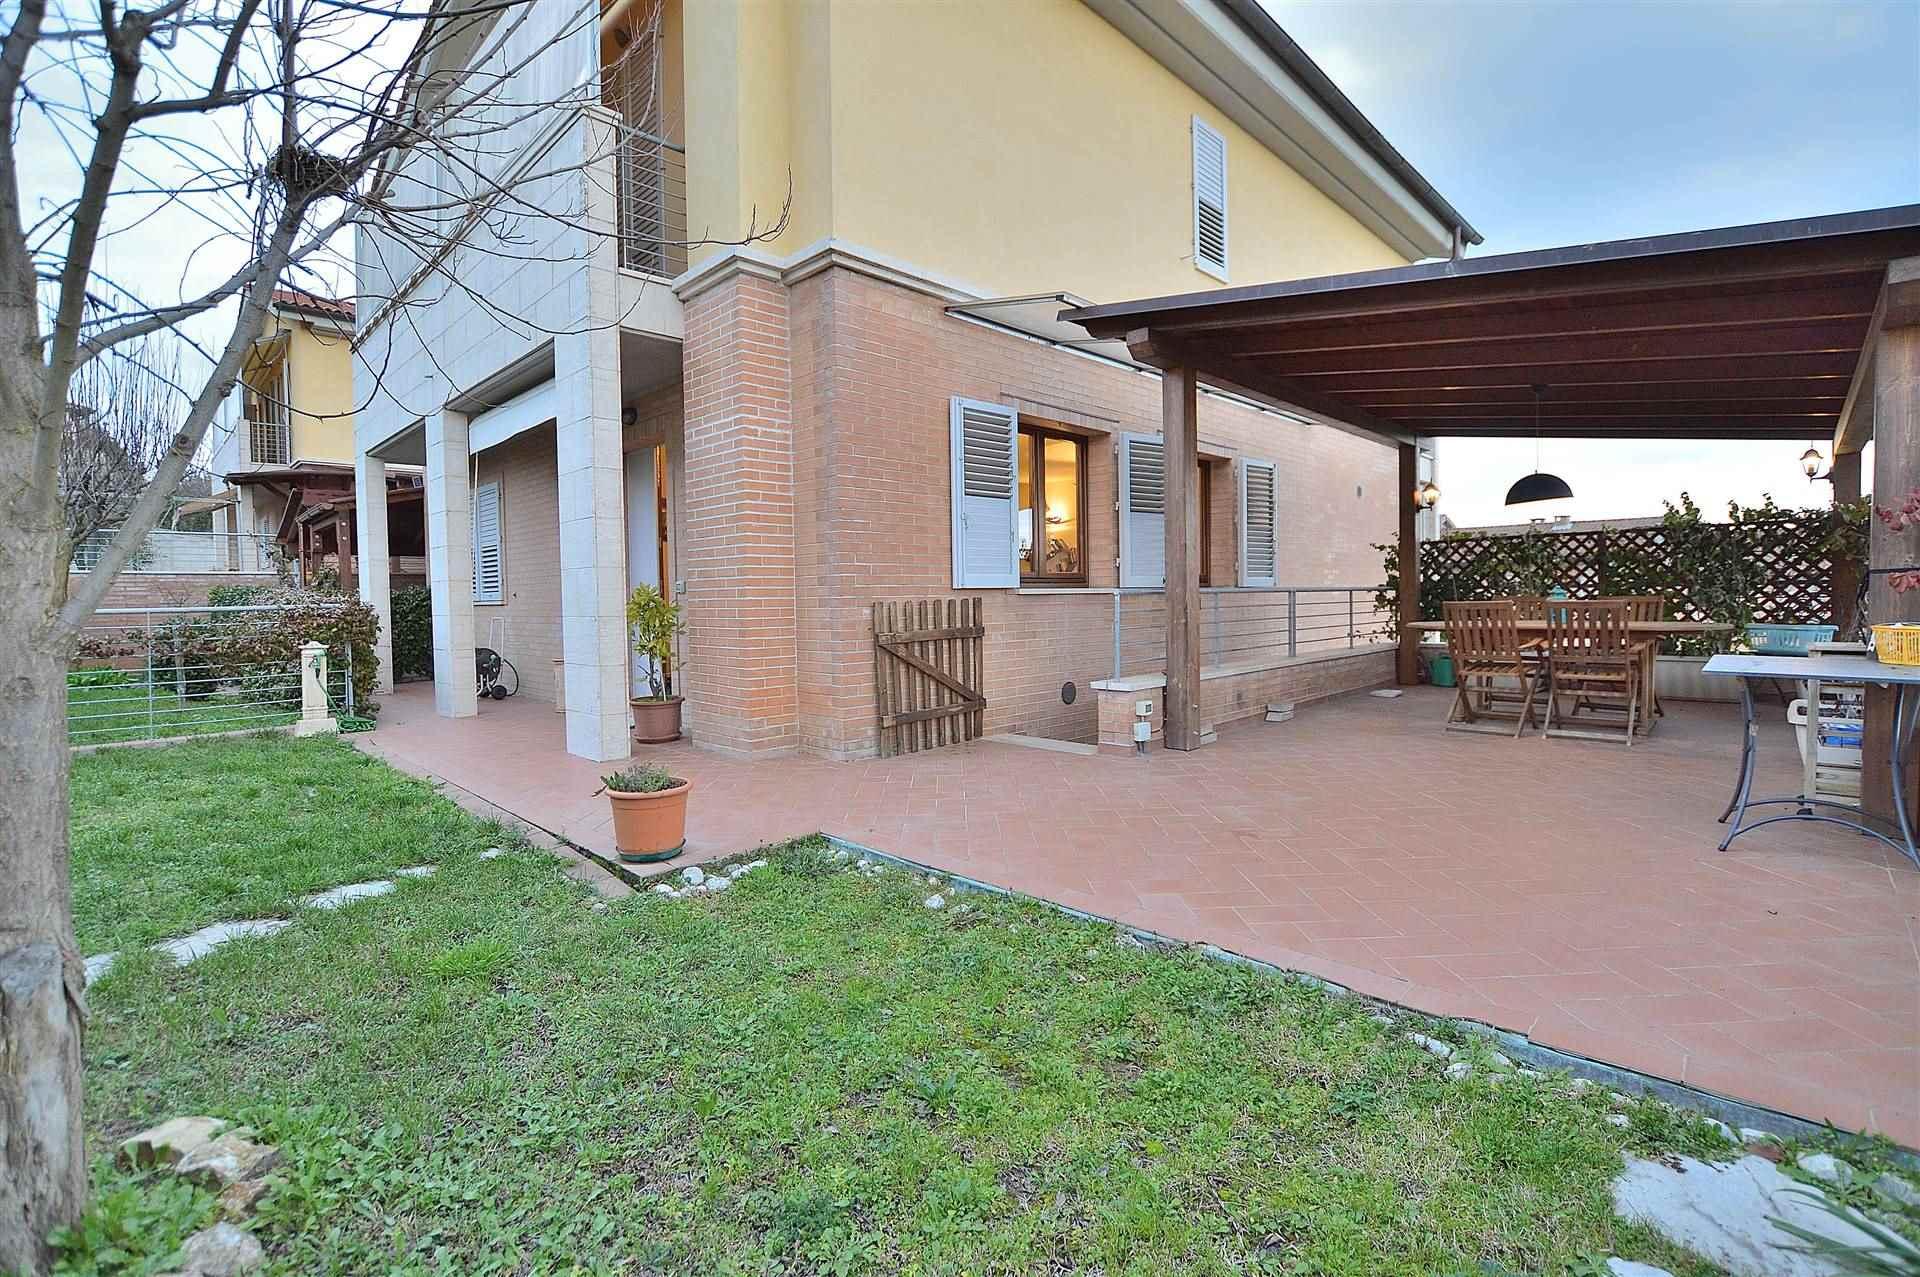 Monteroni, in piacevole contesto residenziale, proponiamo porzione di villetta bifamiliare di recente costruzione con ingresso indipendente e grande